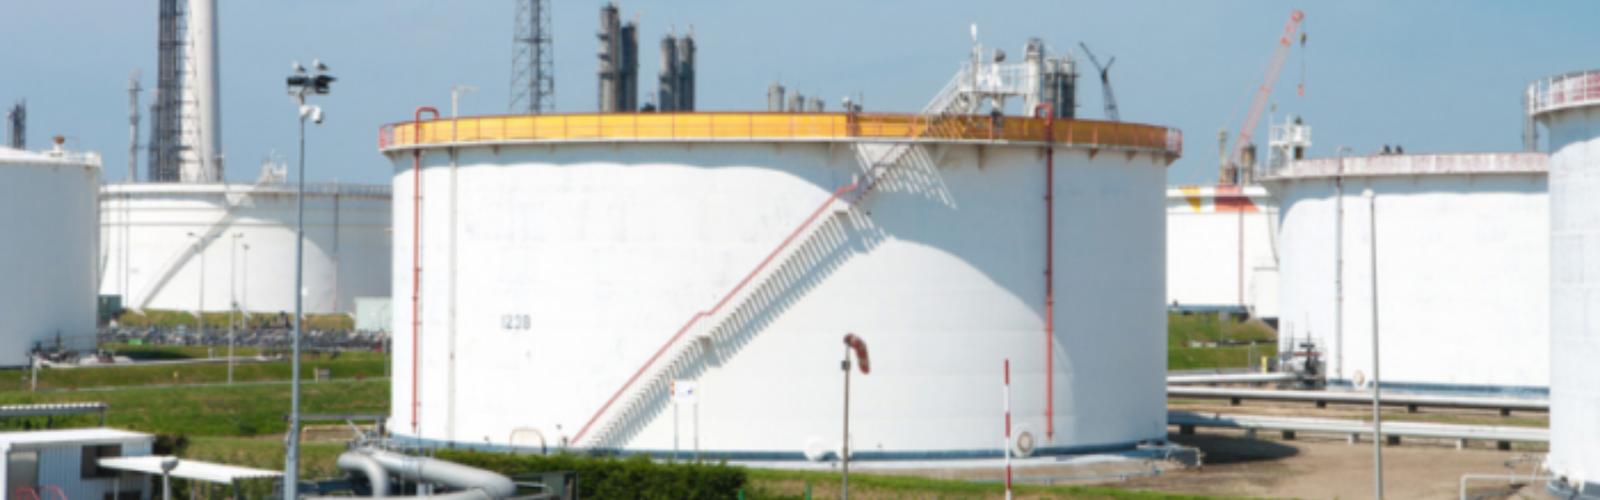 Opslagtanks en silo's